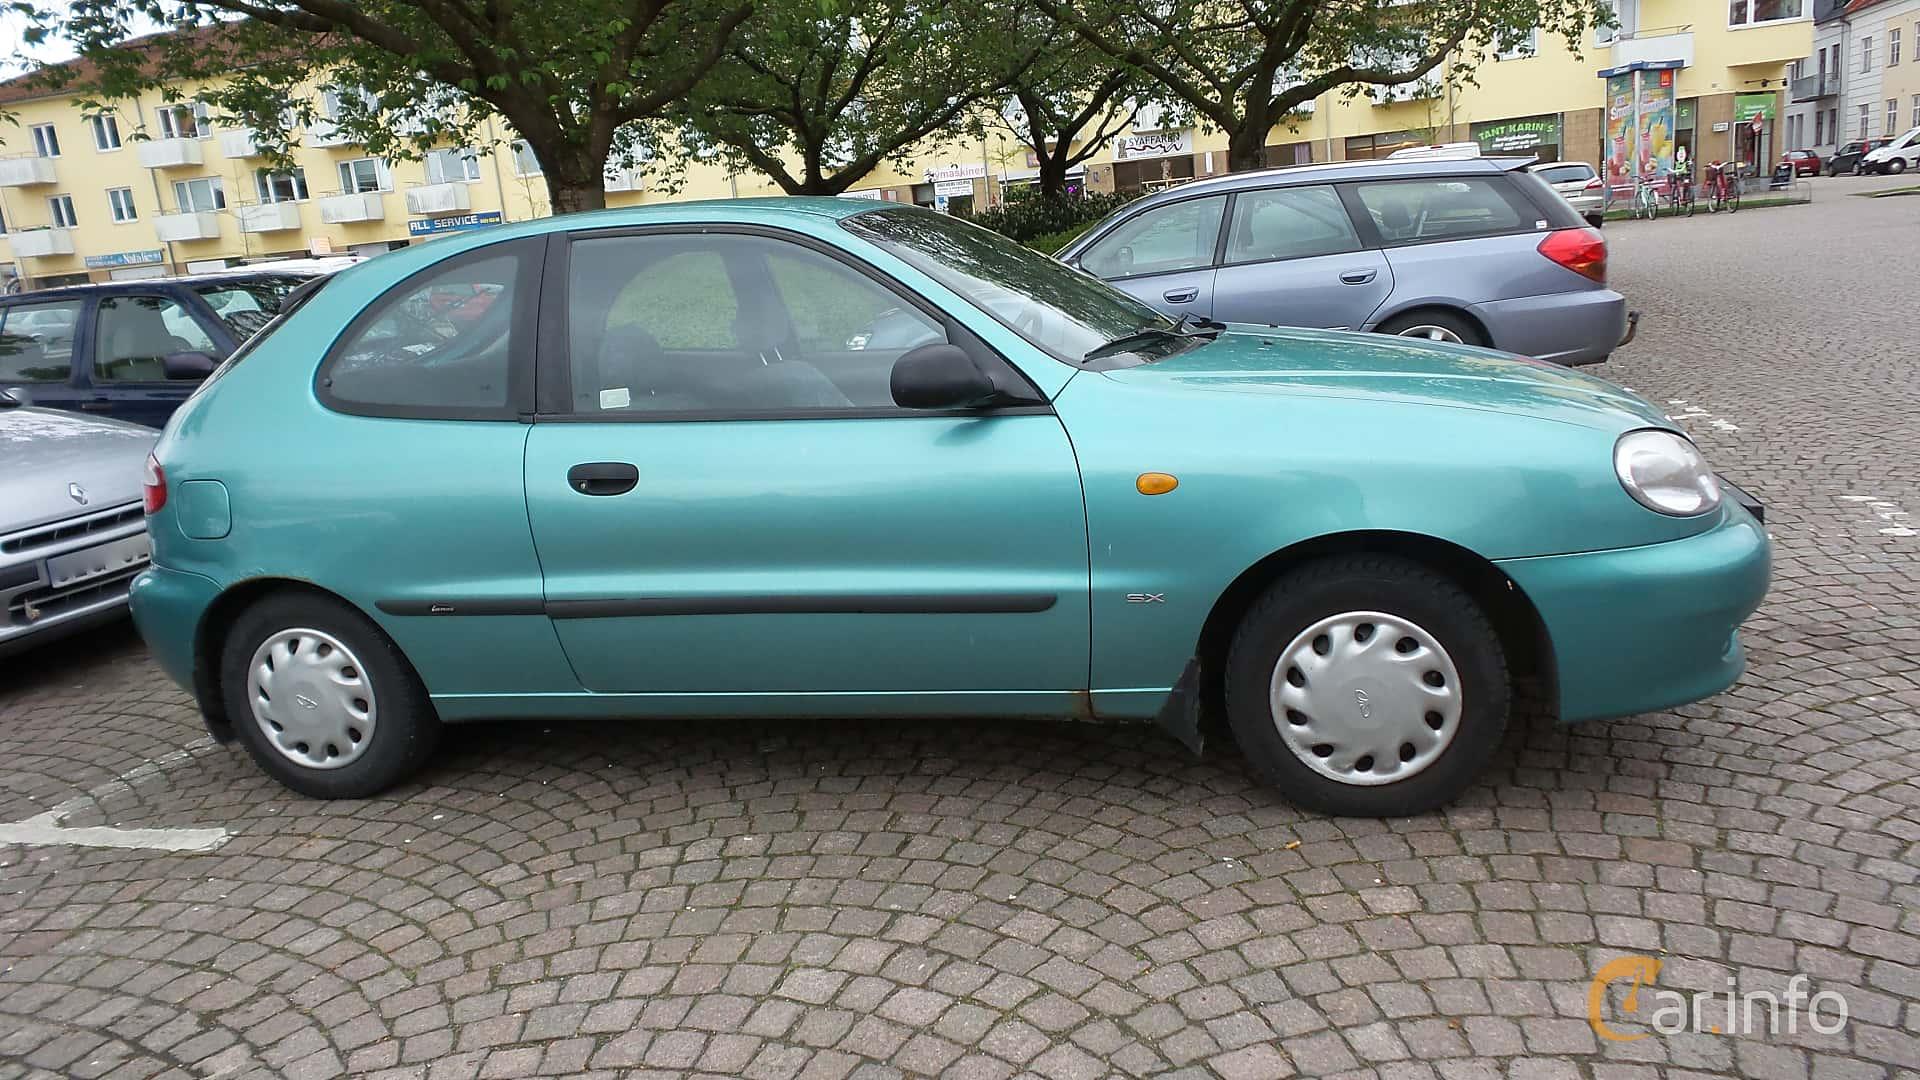 daewoo-lanos-3-door-side-1-8379.jpg